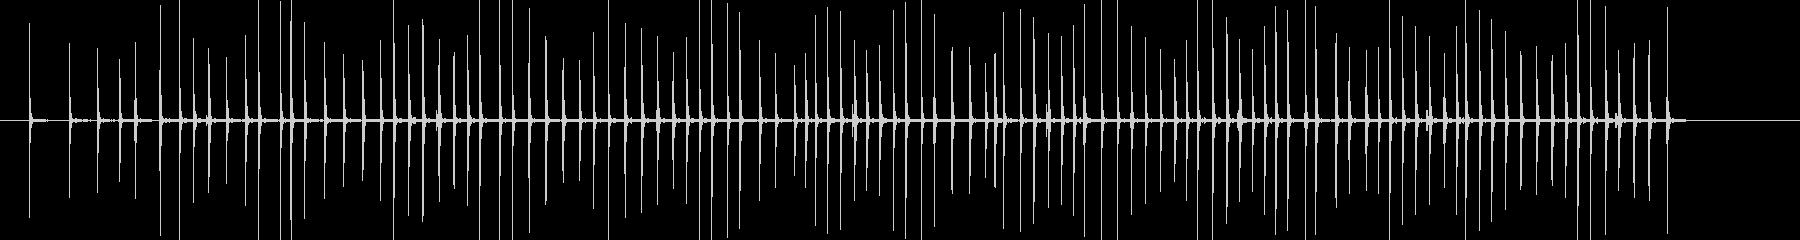 赤ちゃんのおもちゃラチェット(長い)の未再生の波形